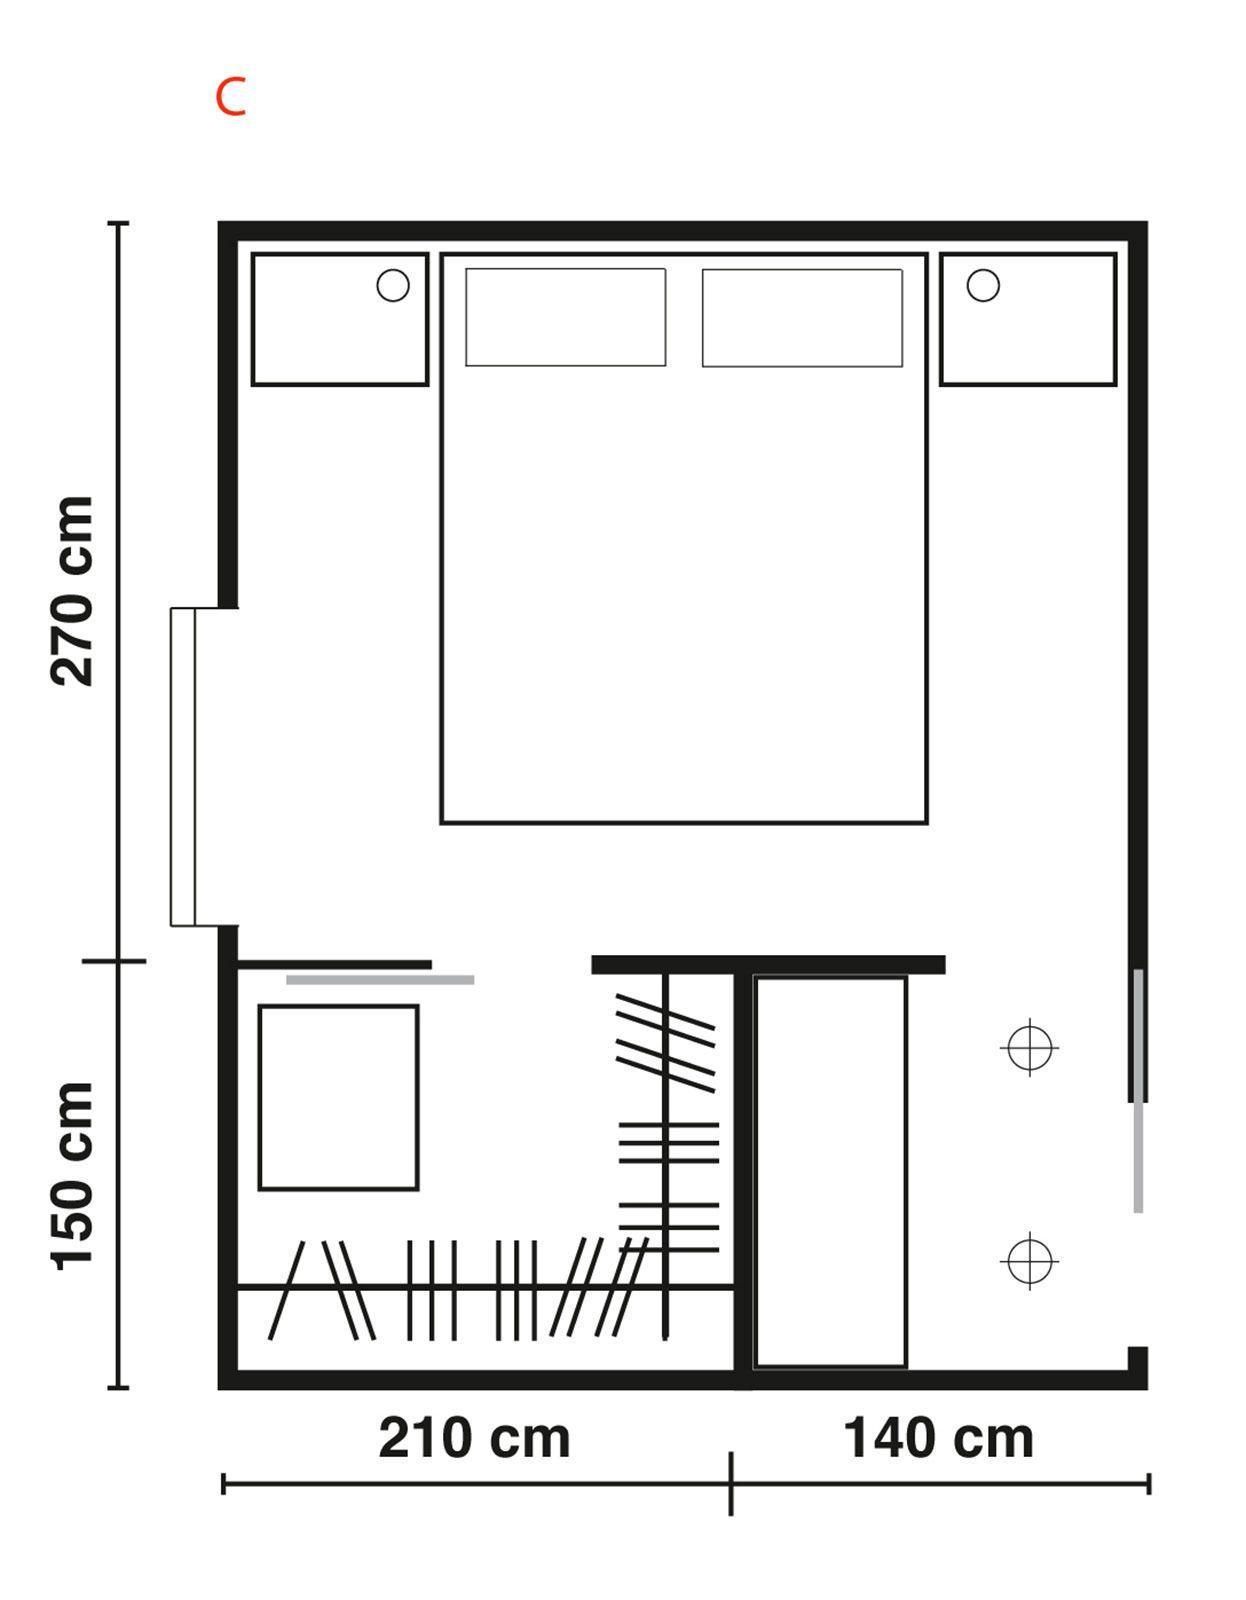 Cabine armadio progettiamo insieme lo spazio armadio for Planimetrie con stanze segrete